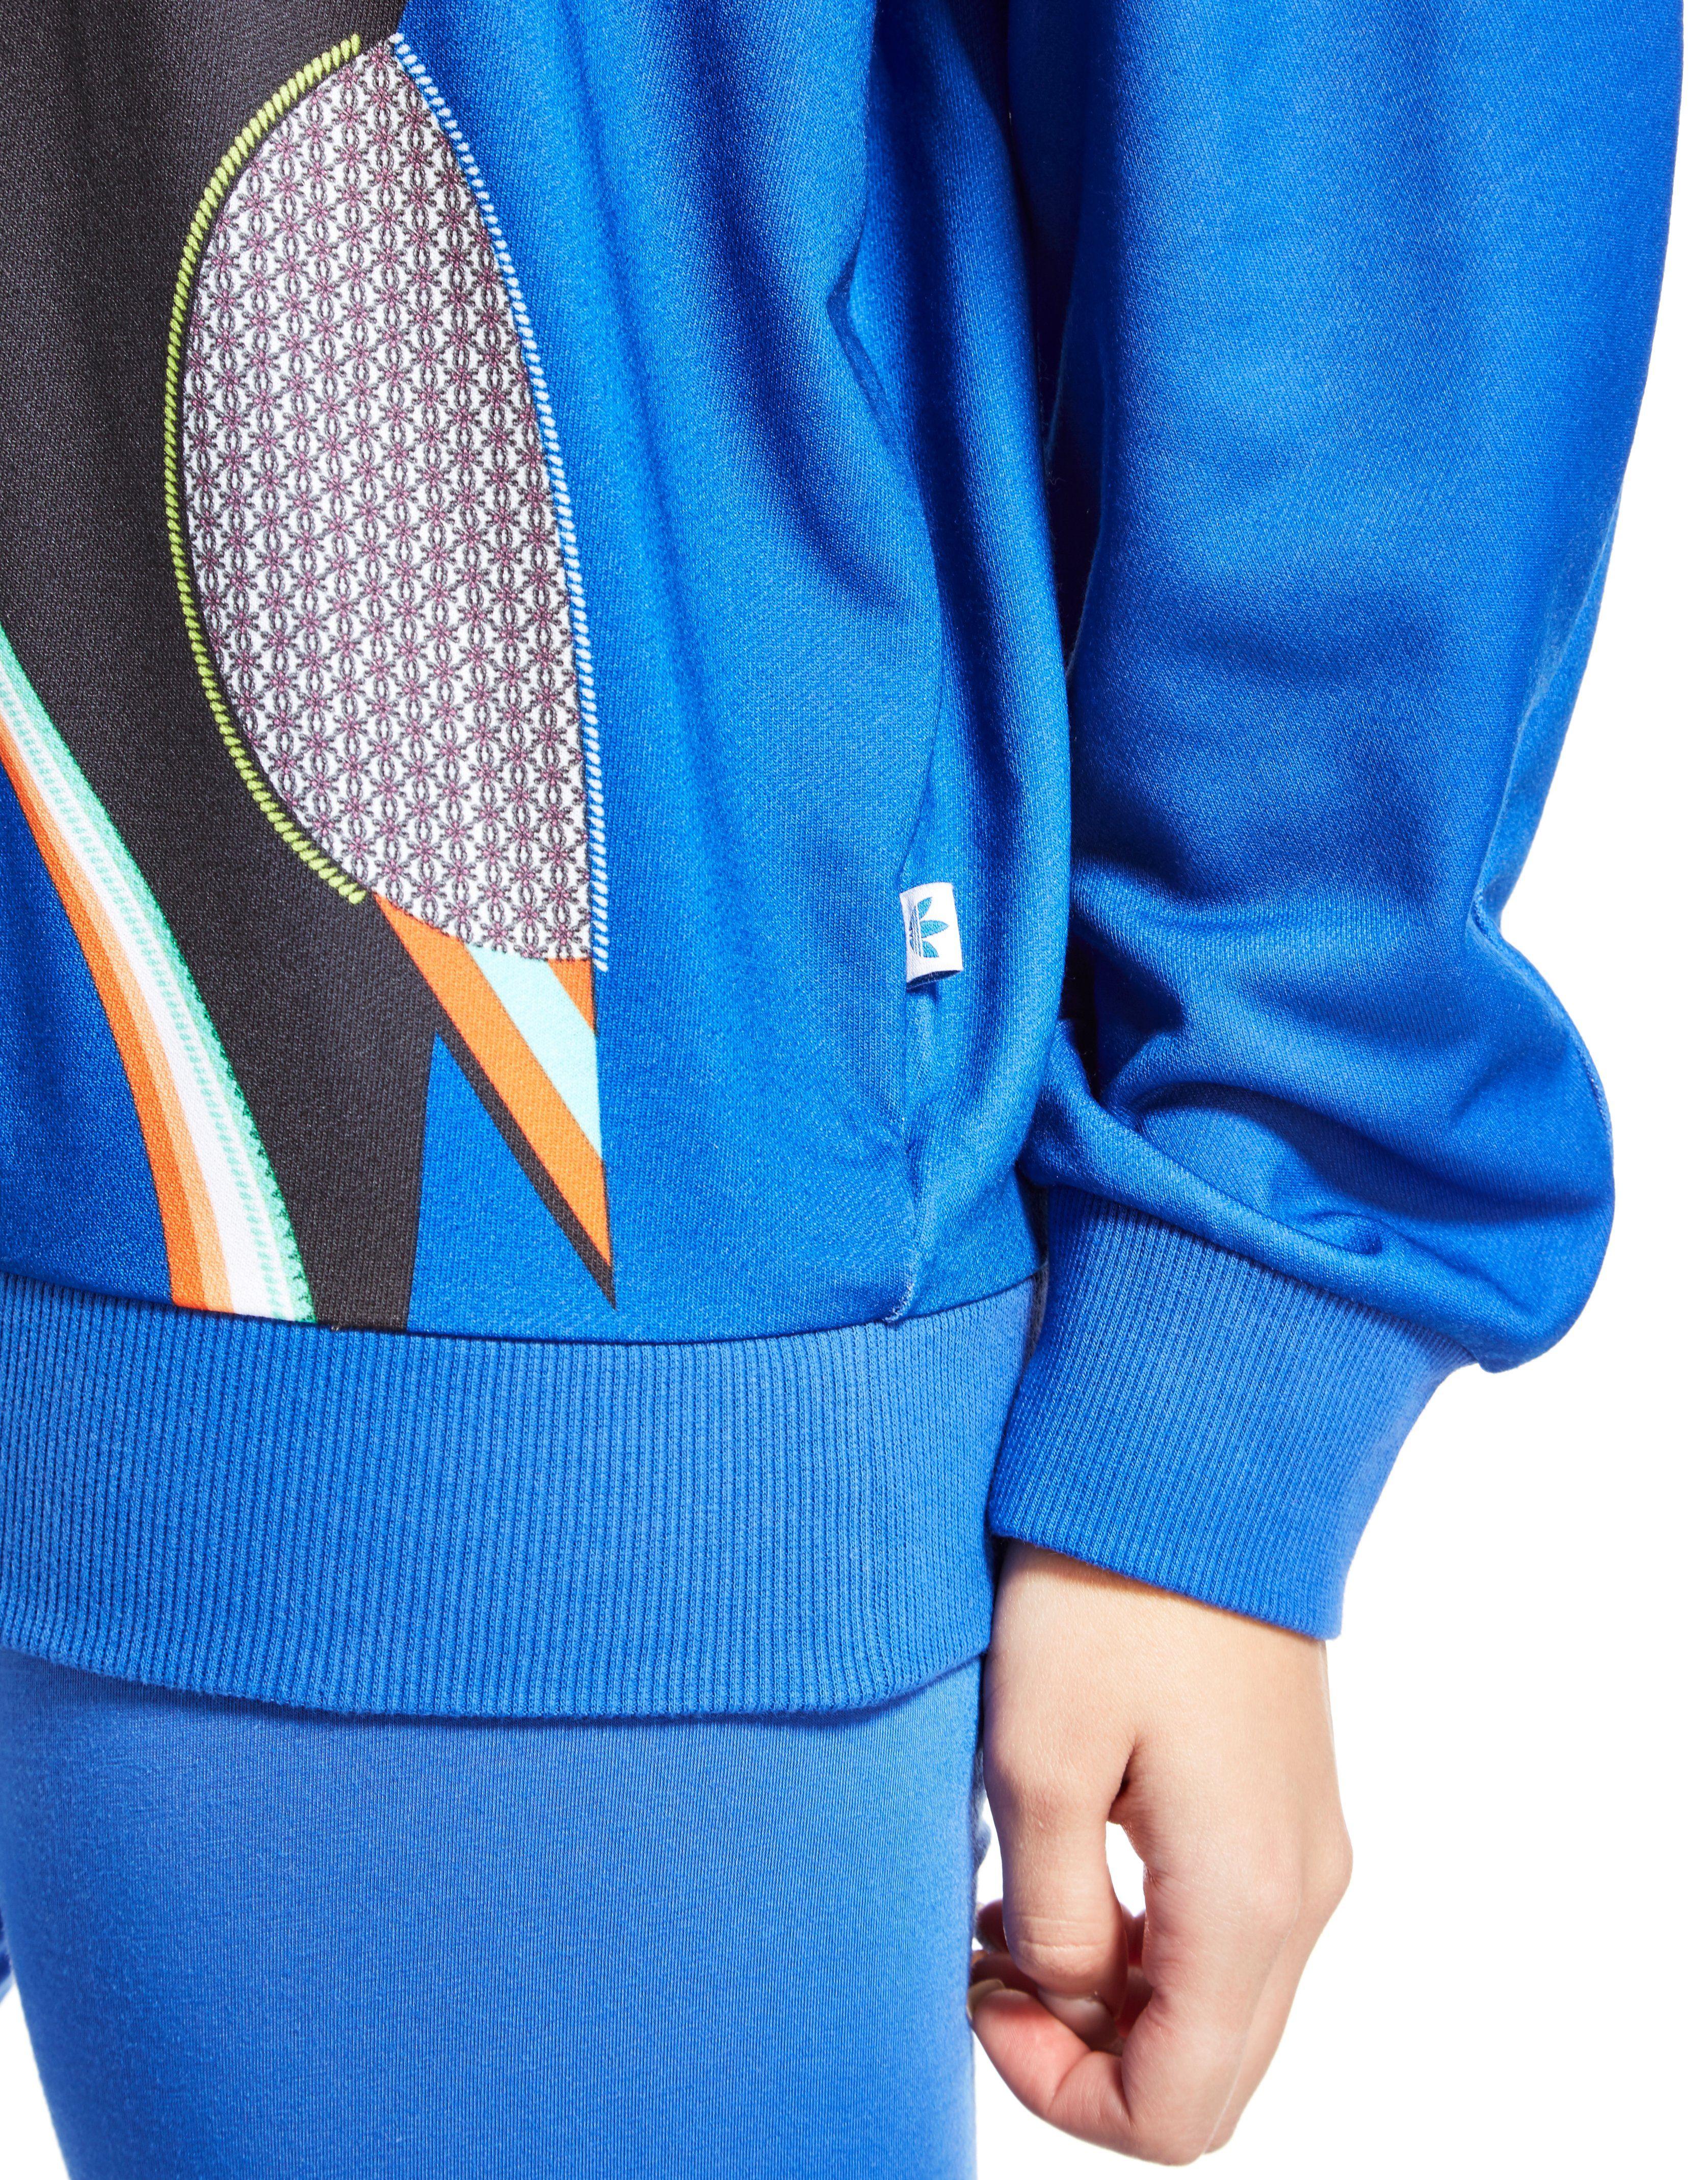 adidas Originals Farm Toucan Sweatshirt